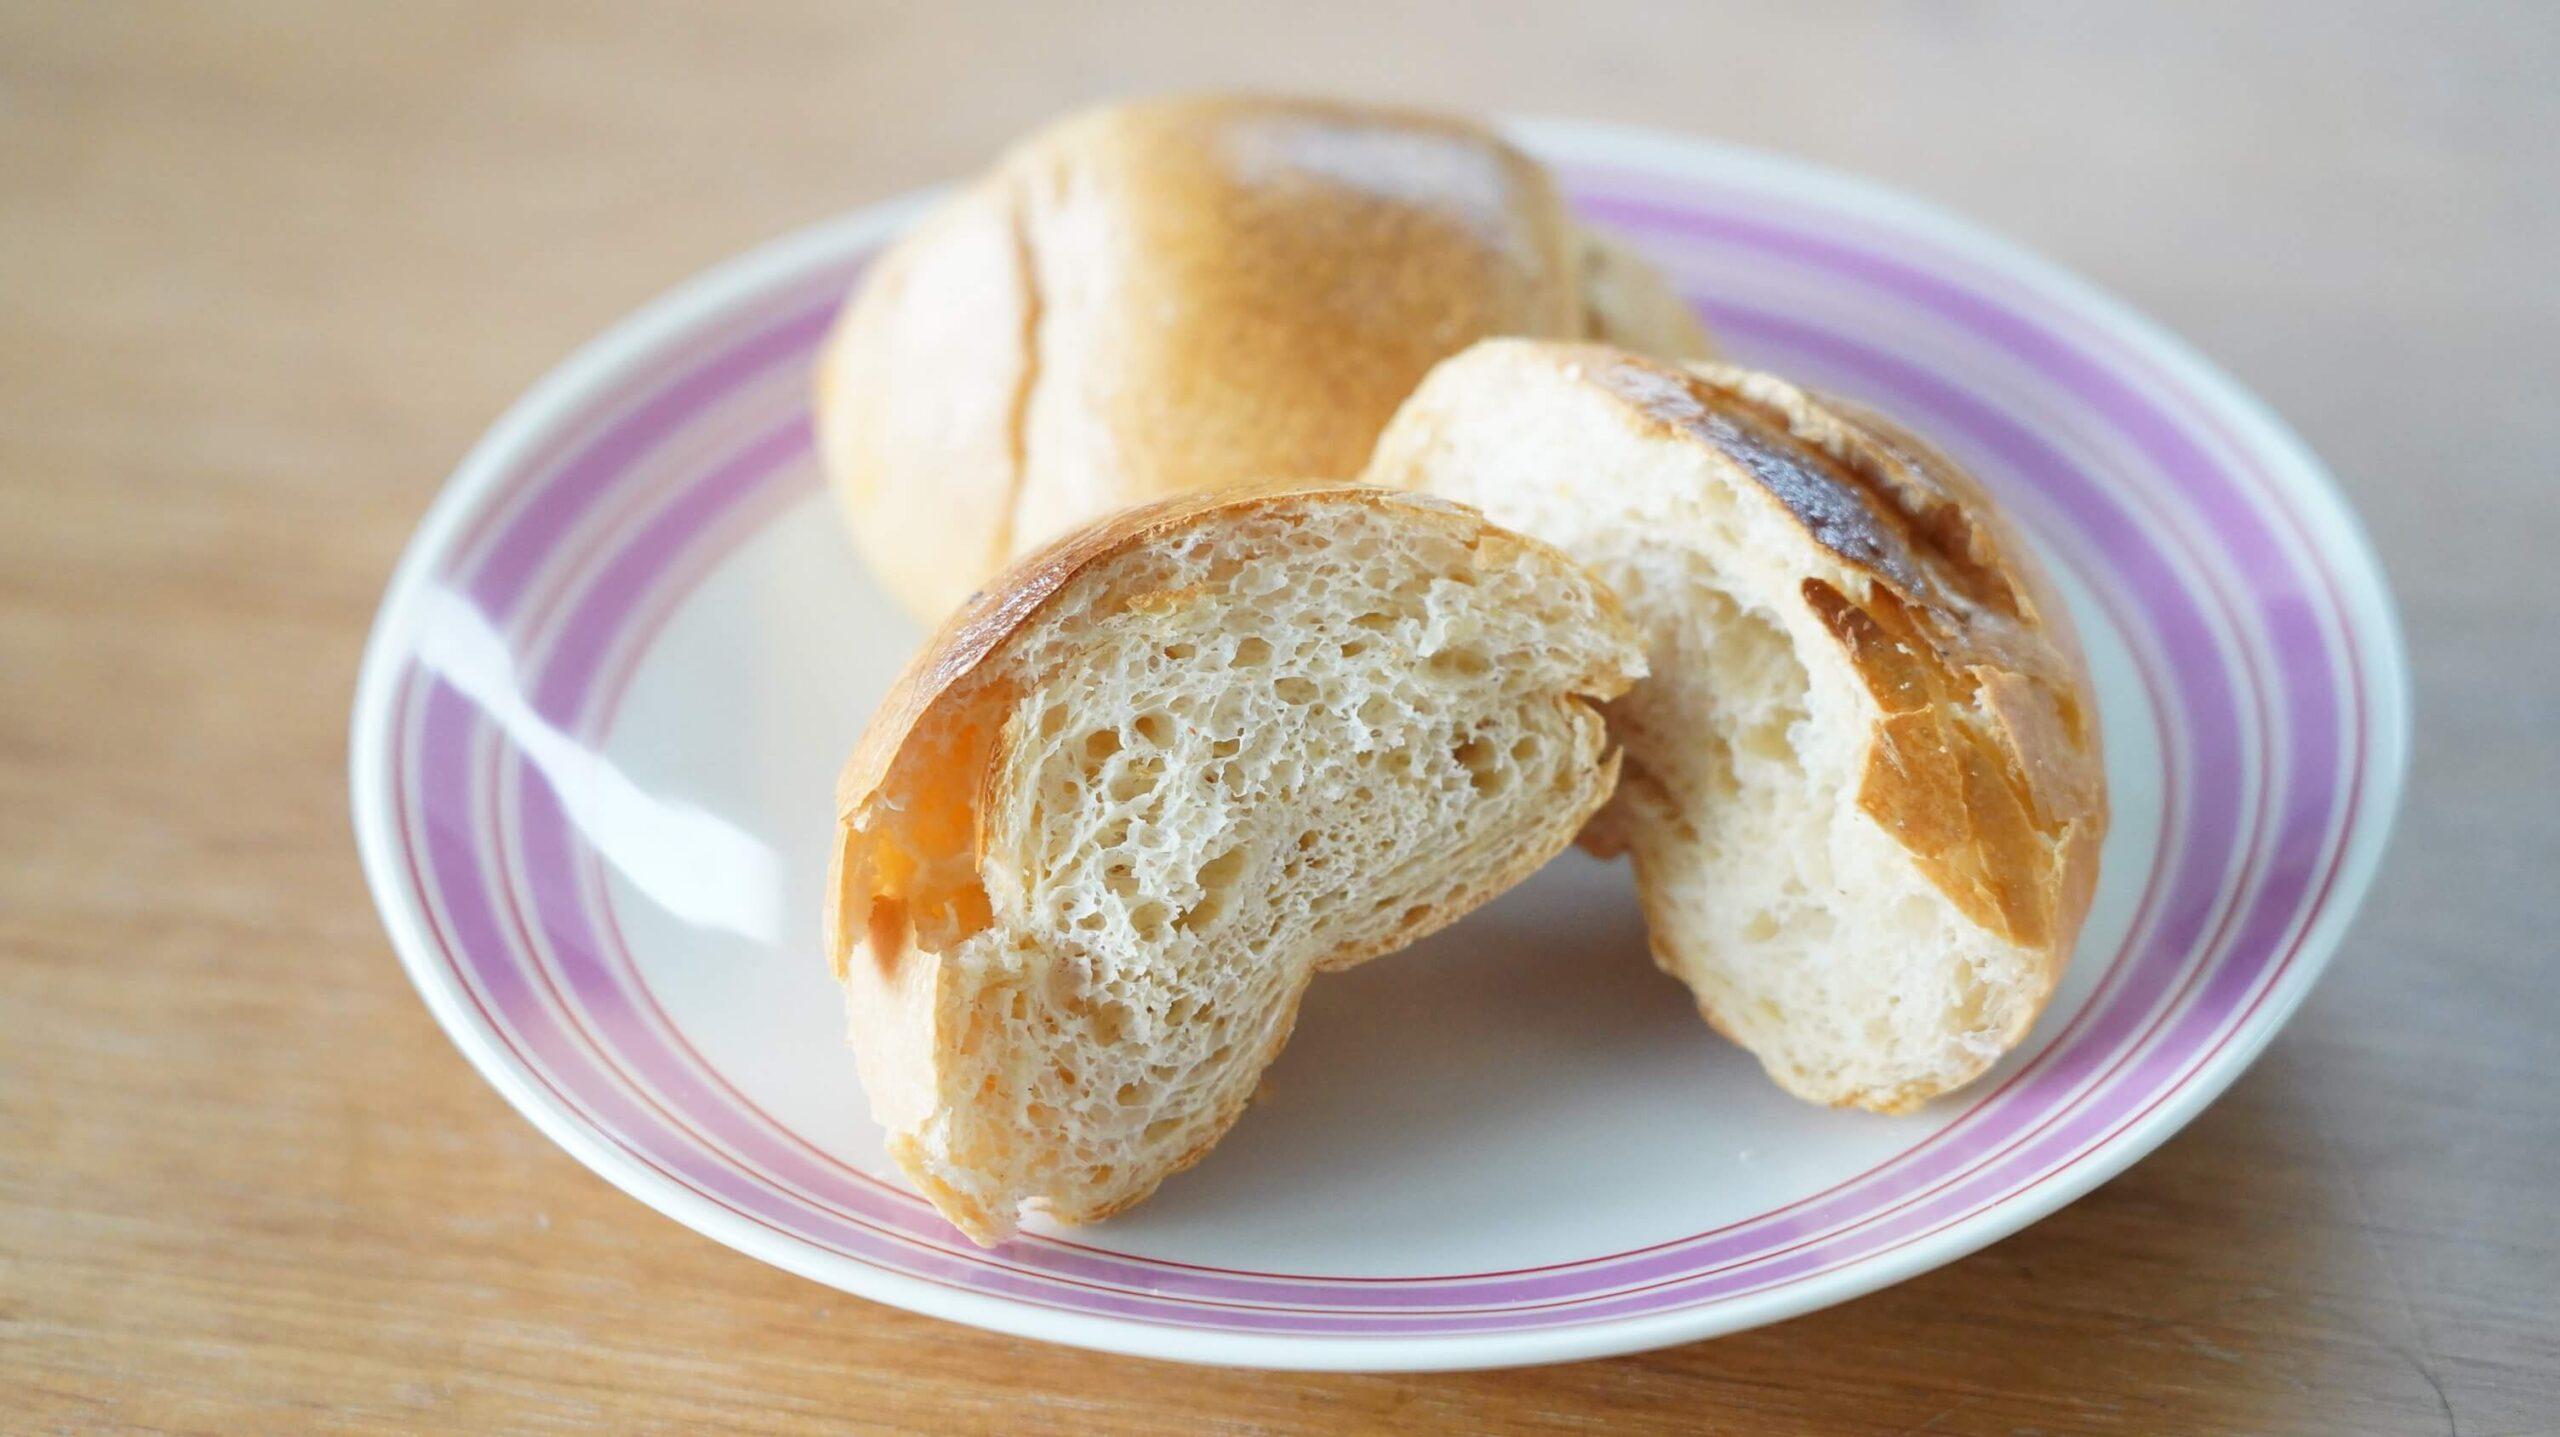 nosh(ナッシュ)の冷凍食品「バターロールパン」の断面の写真